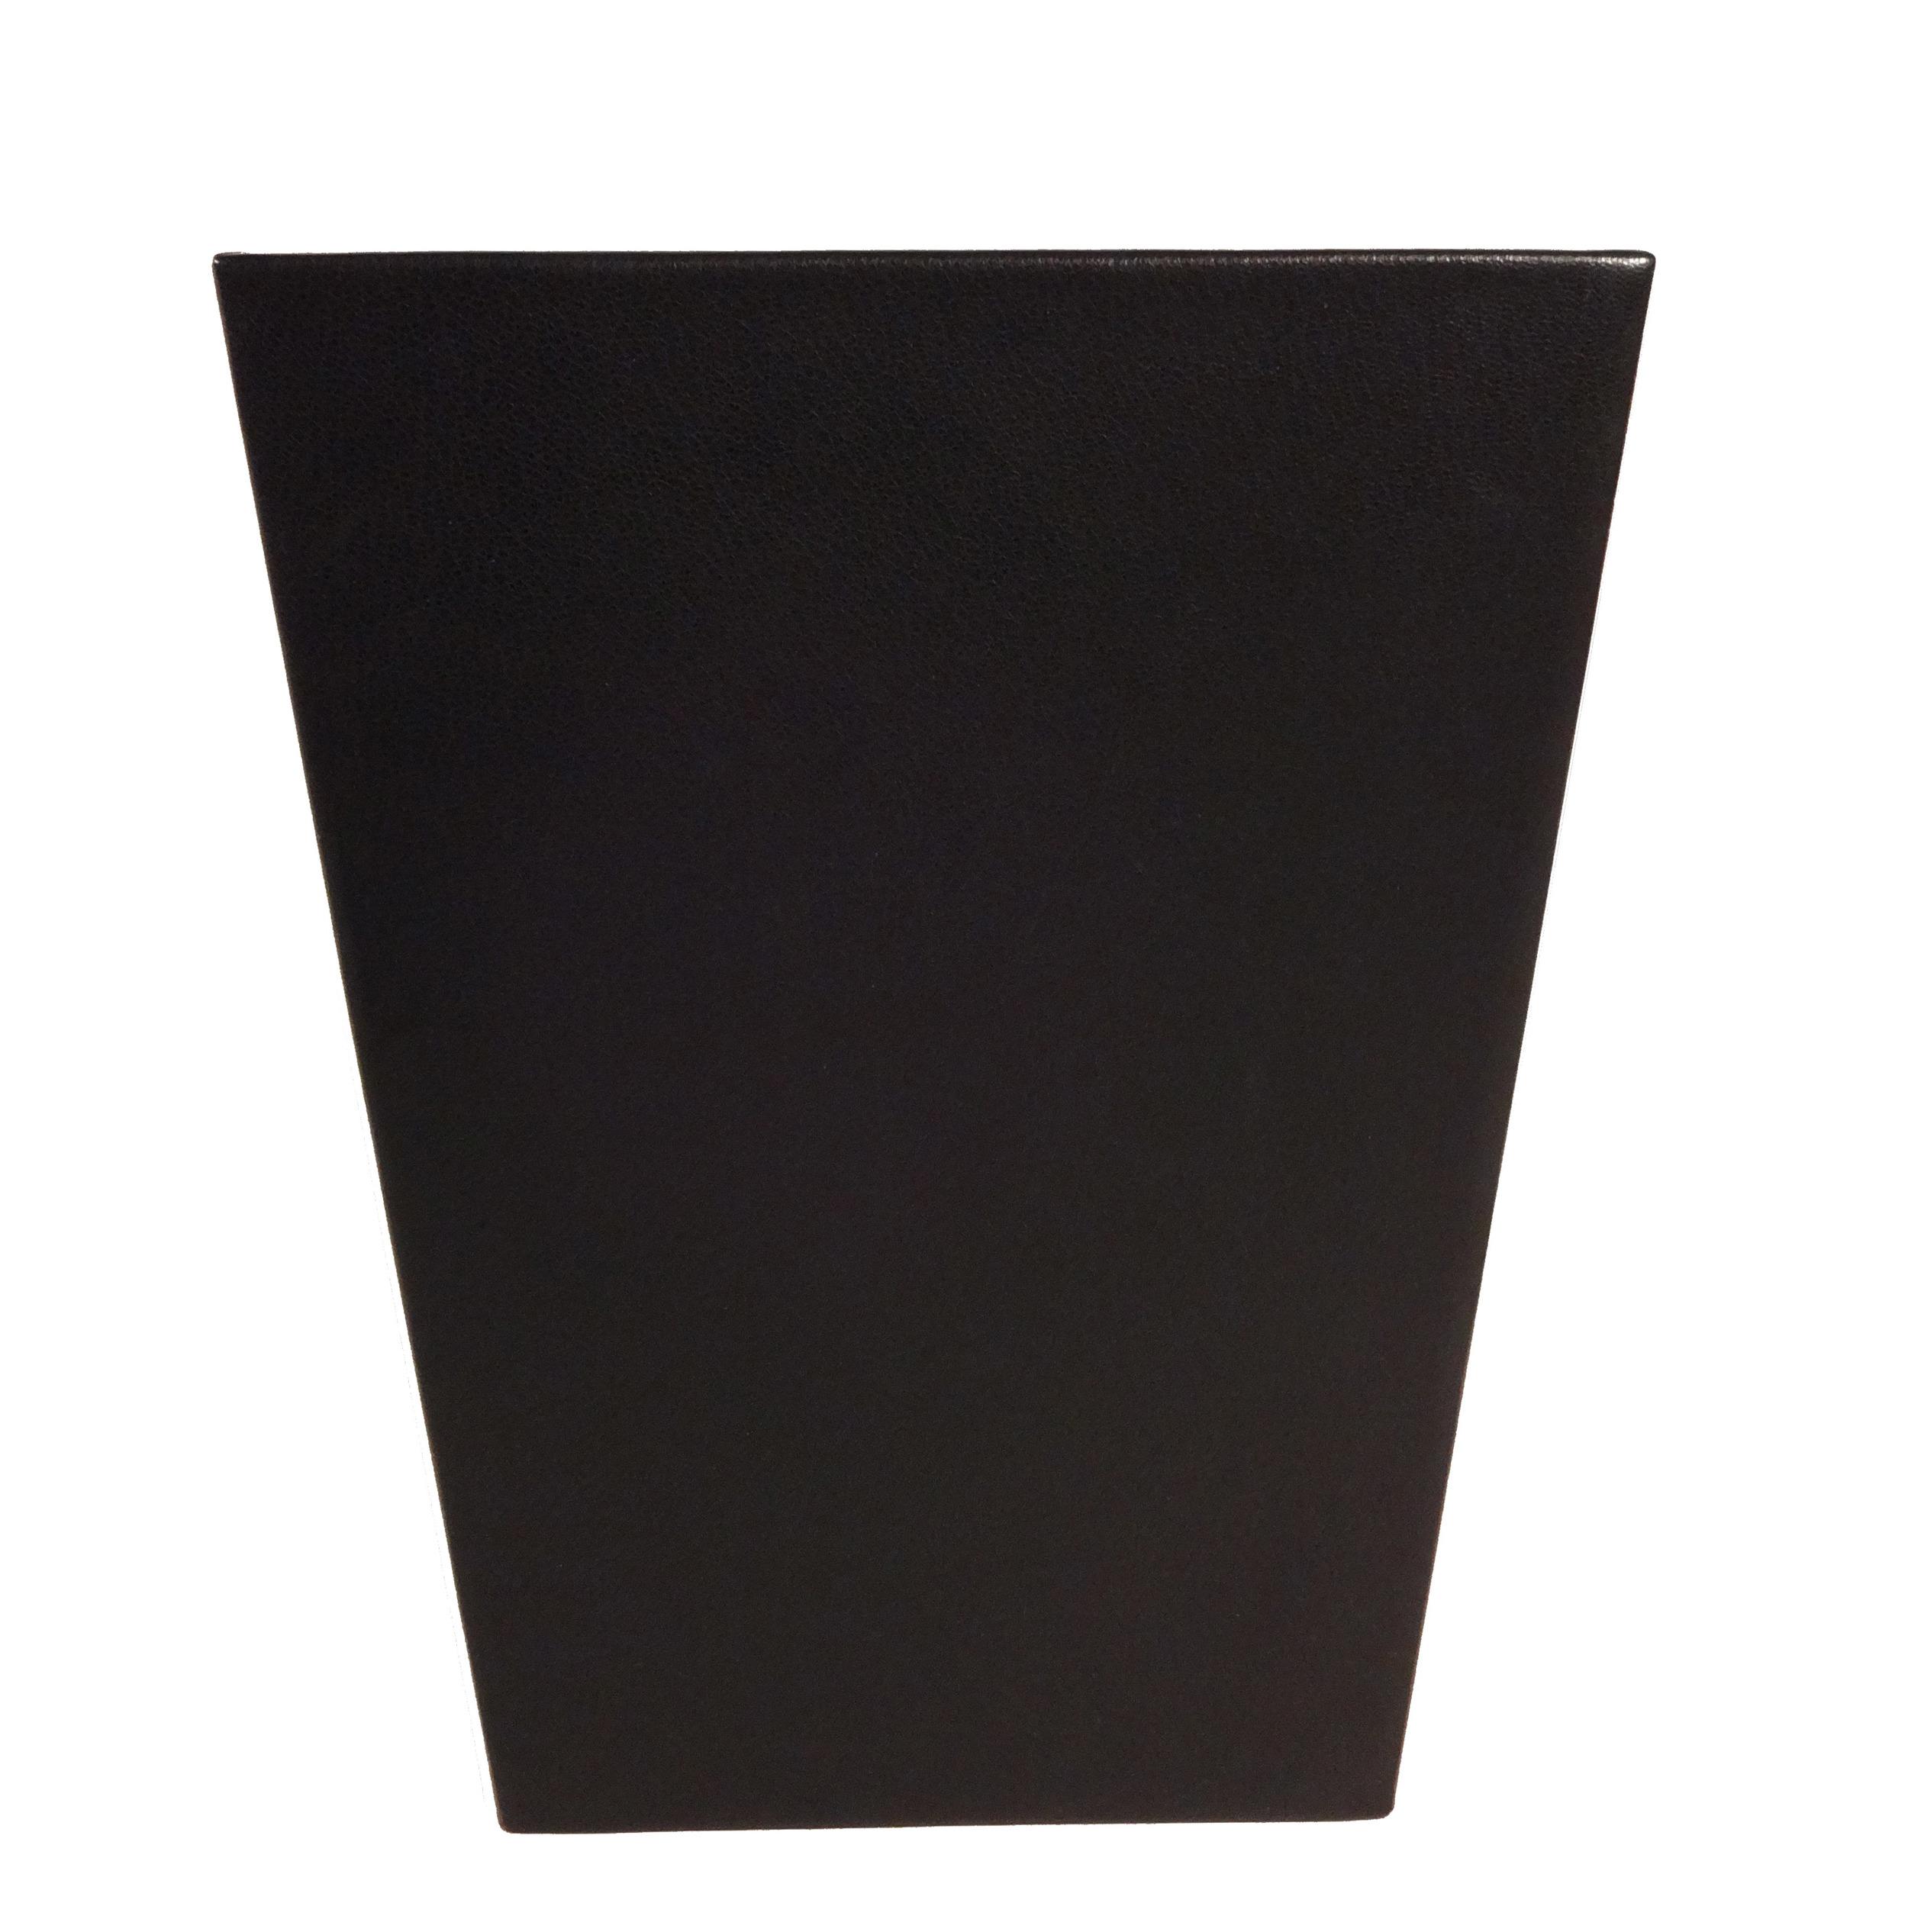 black side.jpg